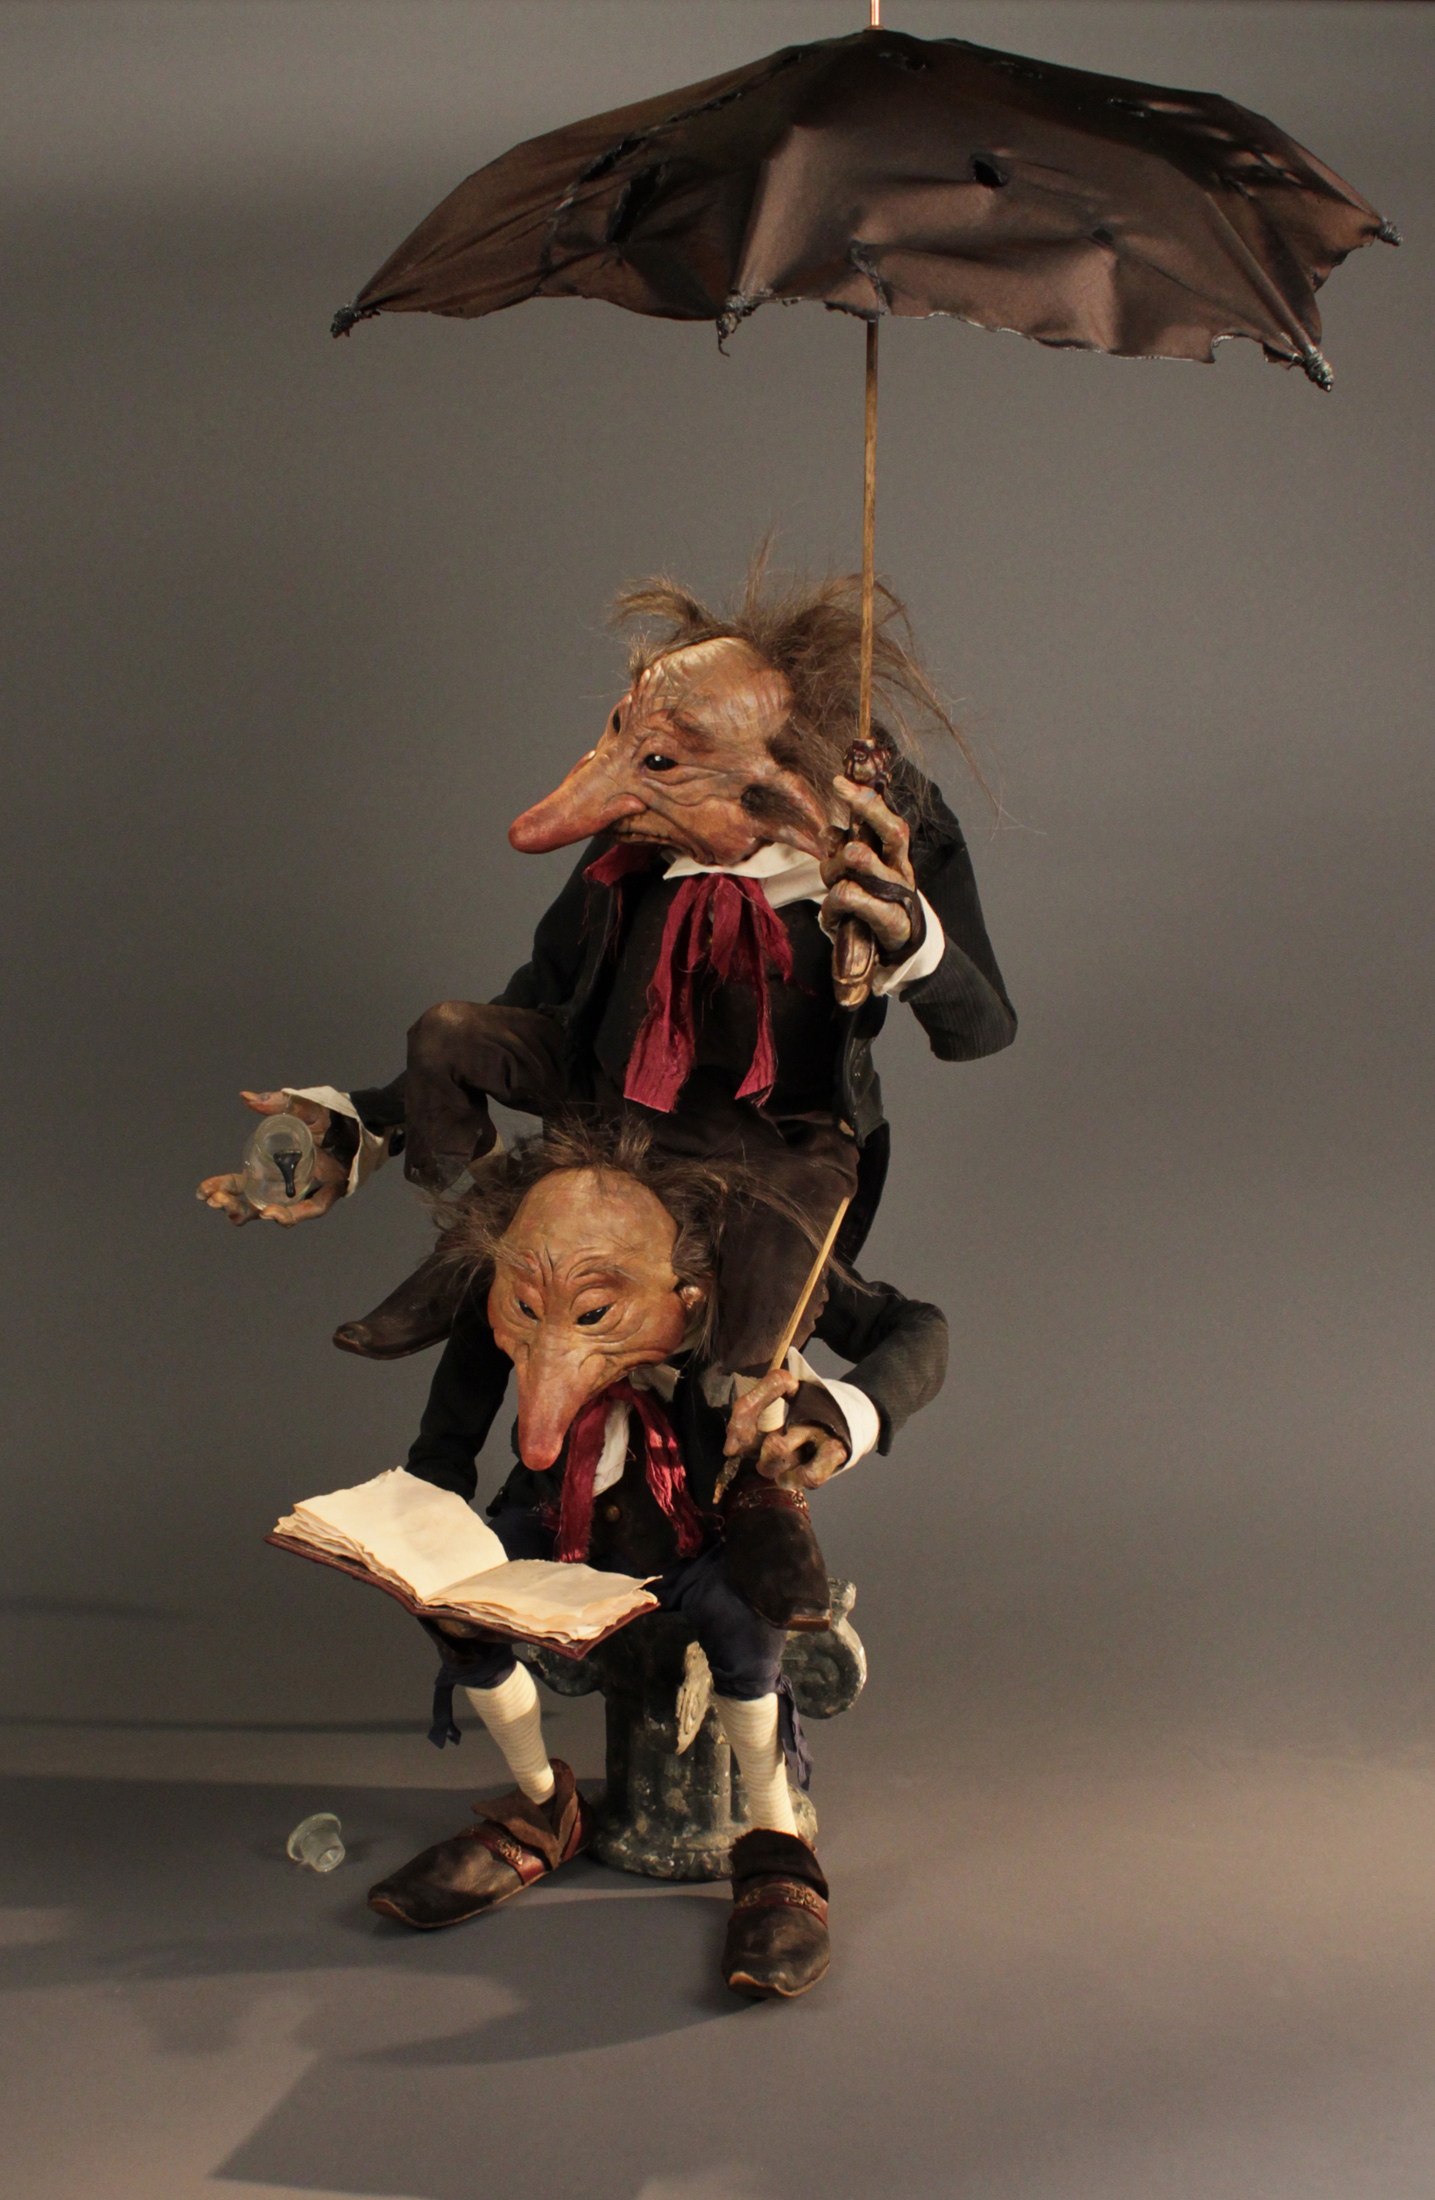 dolls by Toby Froud